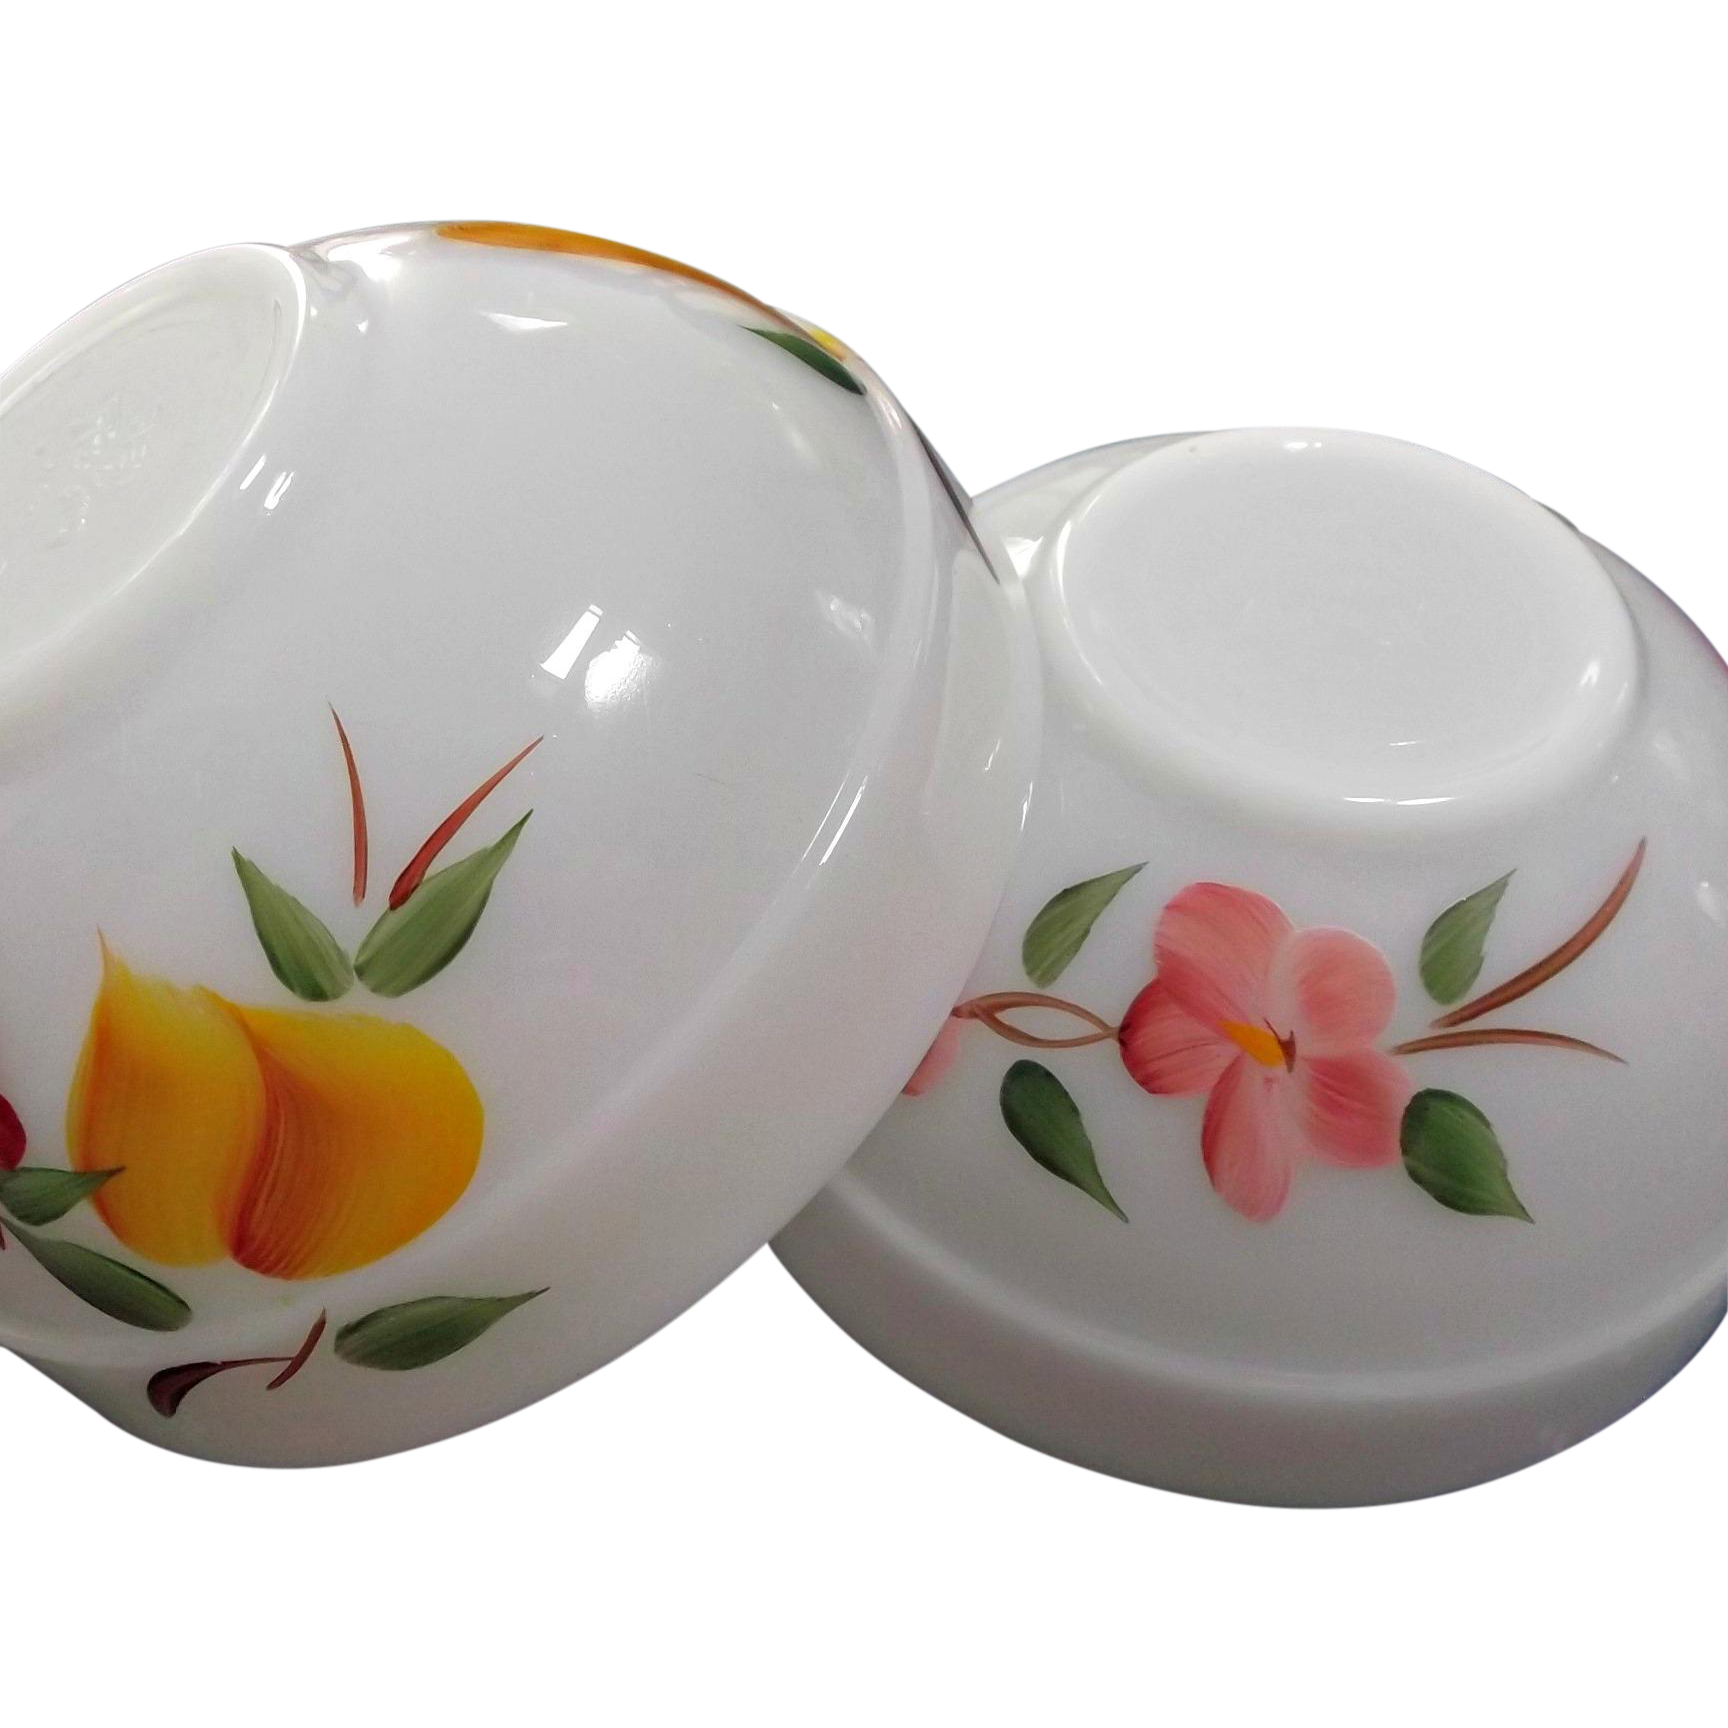 peach bowl